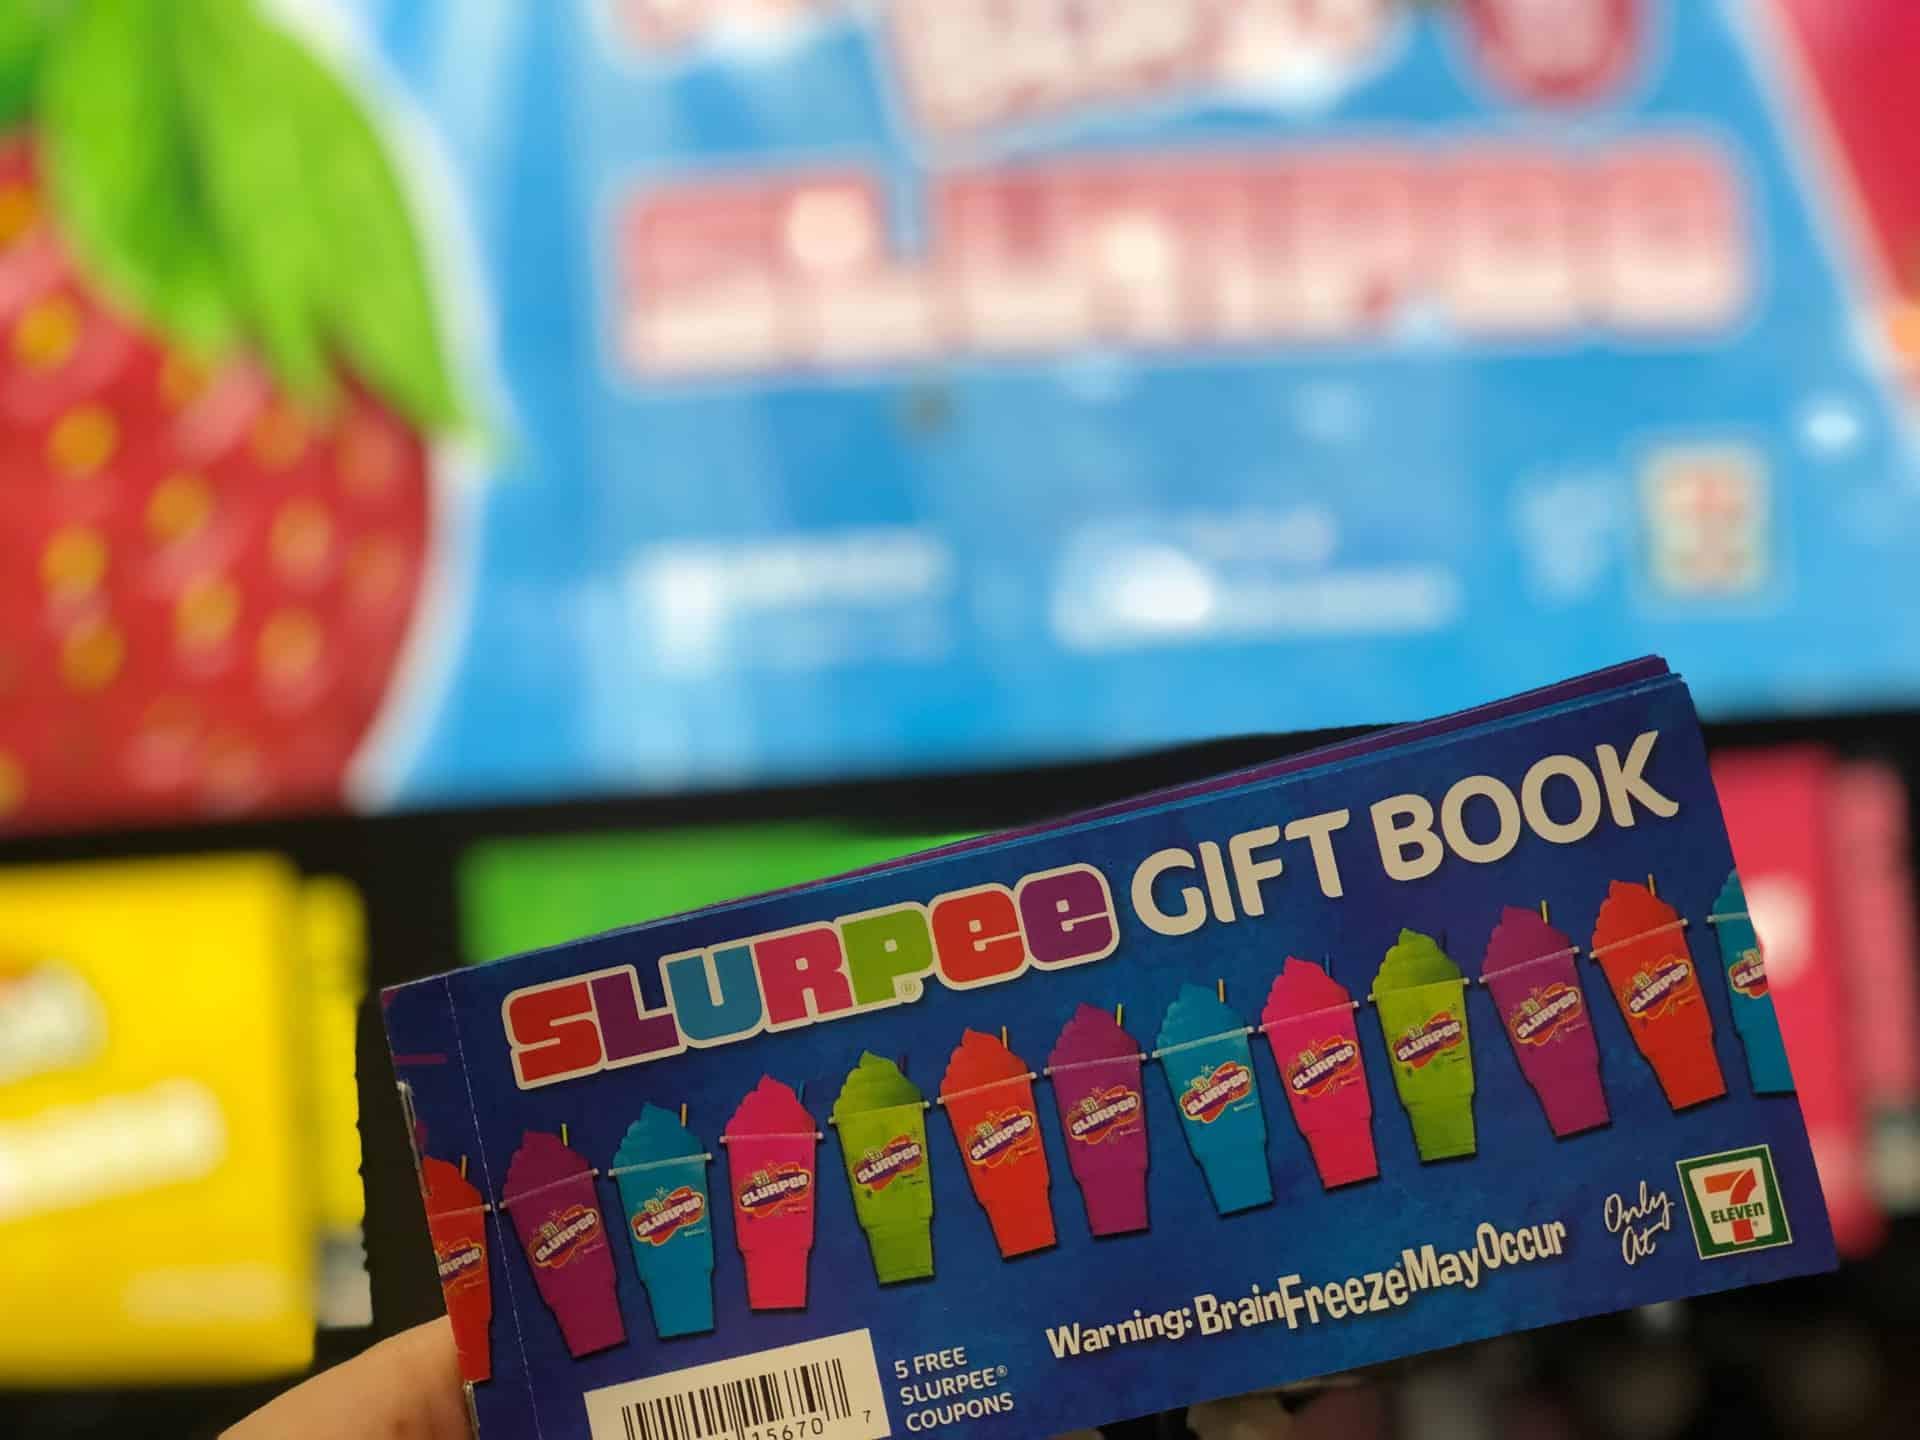 Summer Hack: You Can Get Slurpee Gift Voucher Booklets at 7Eleven